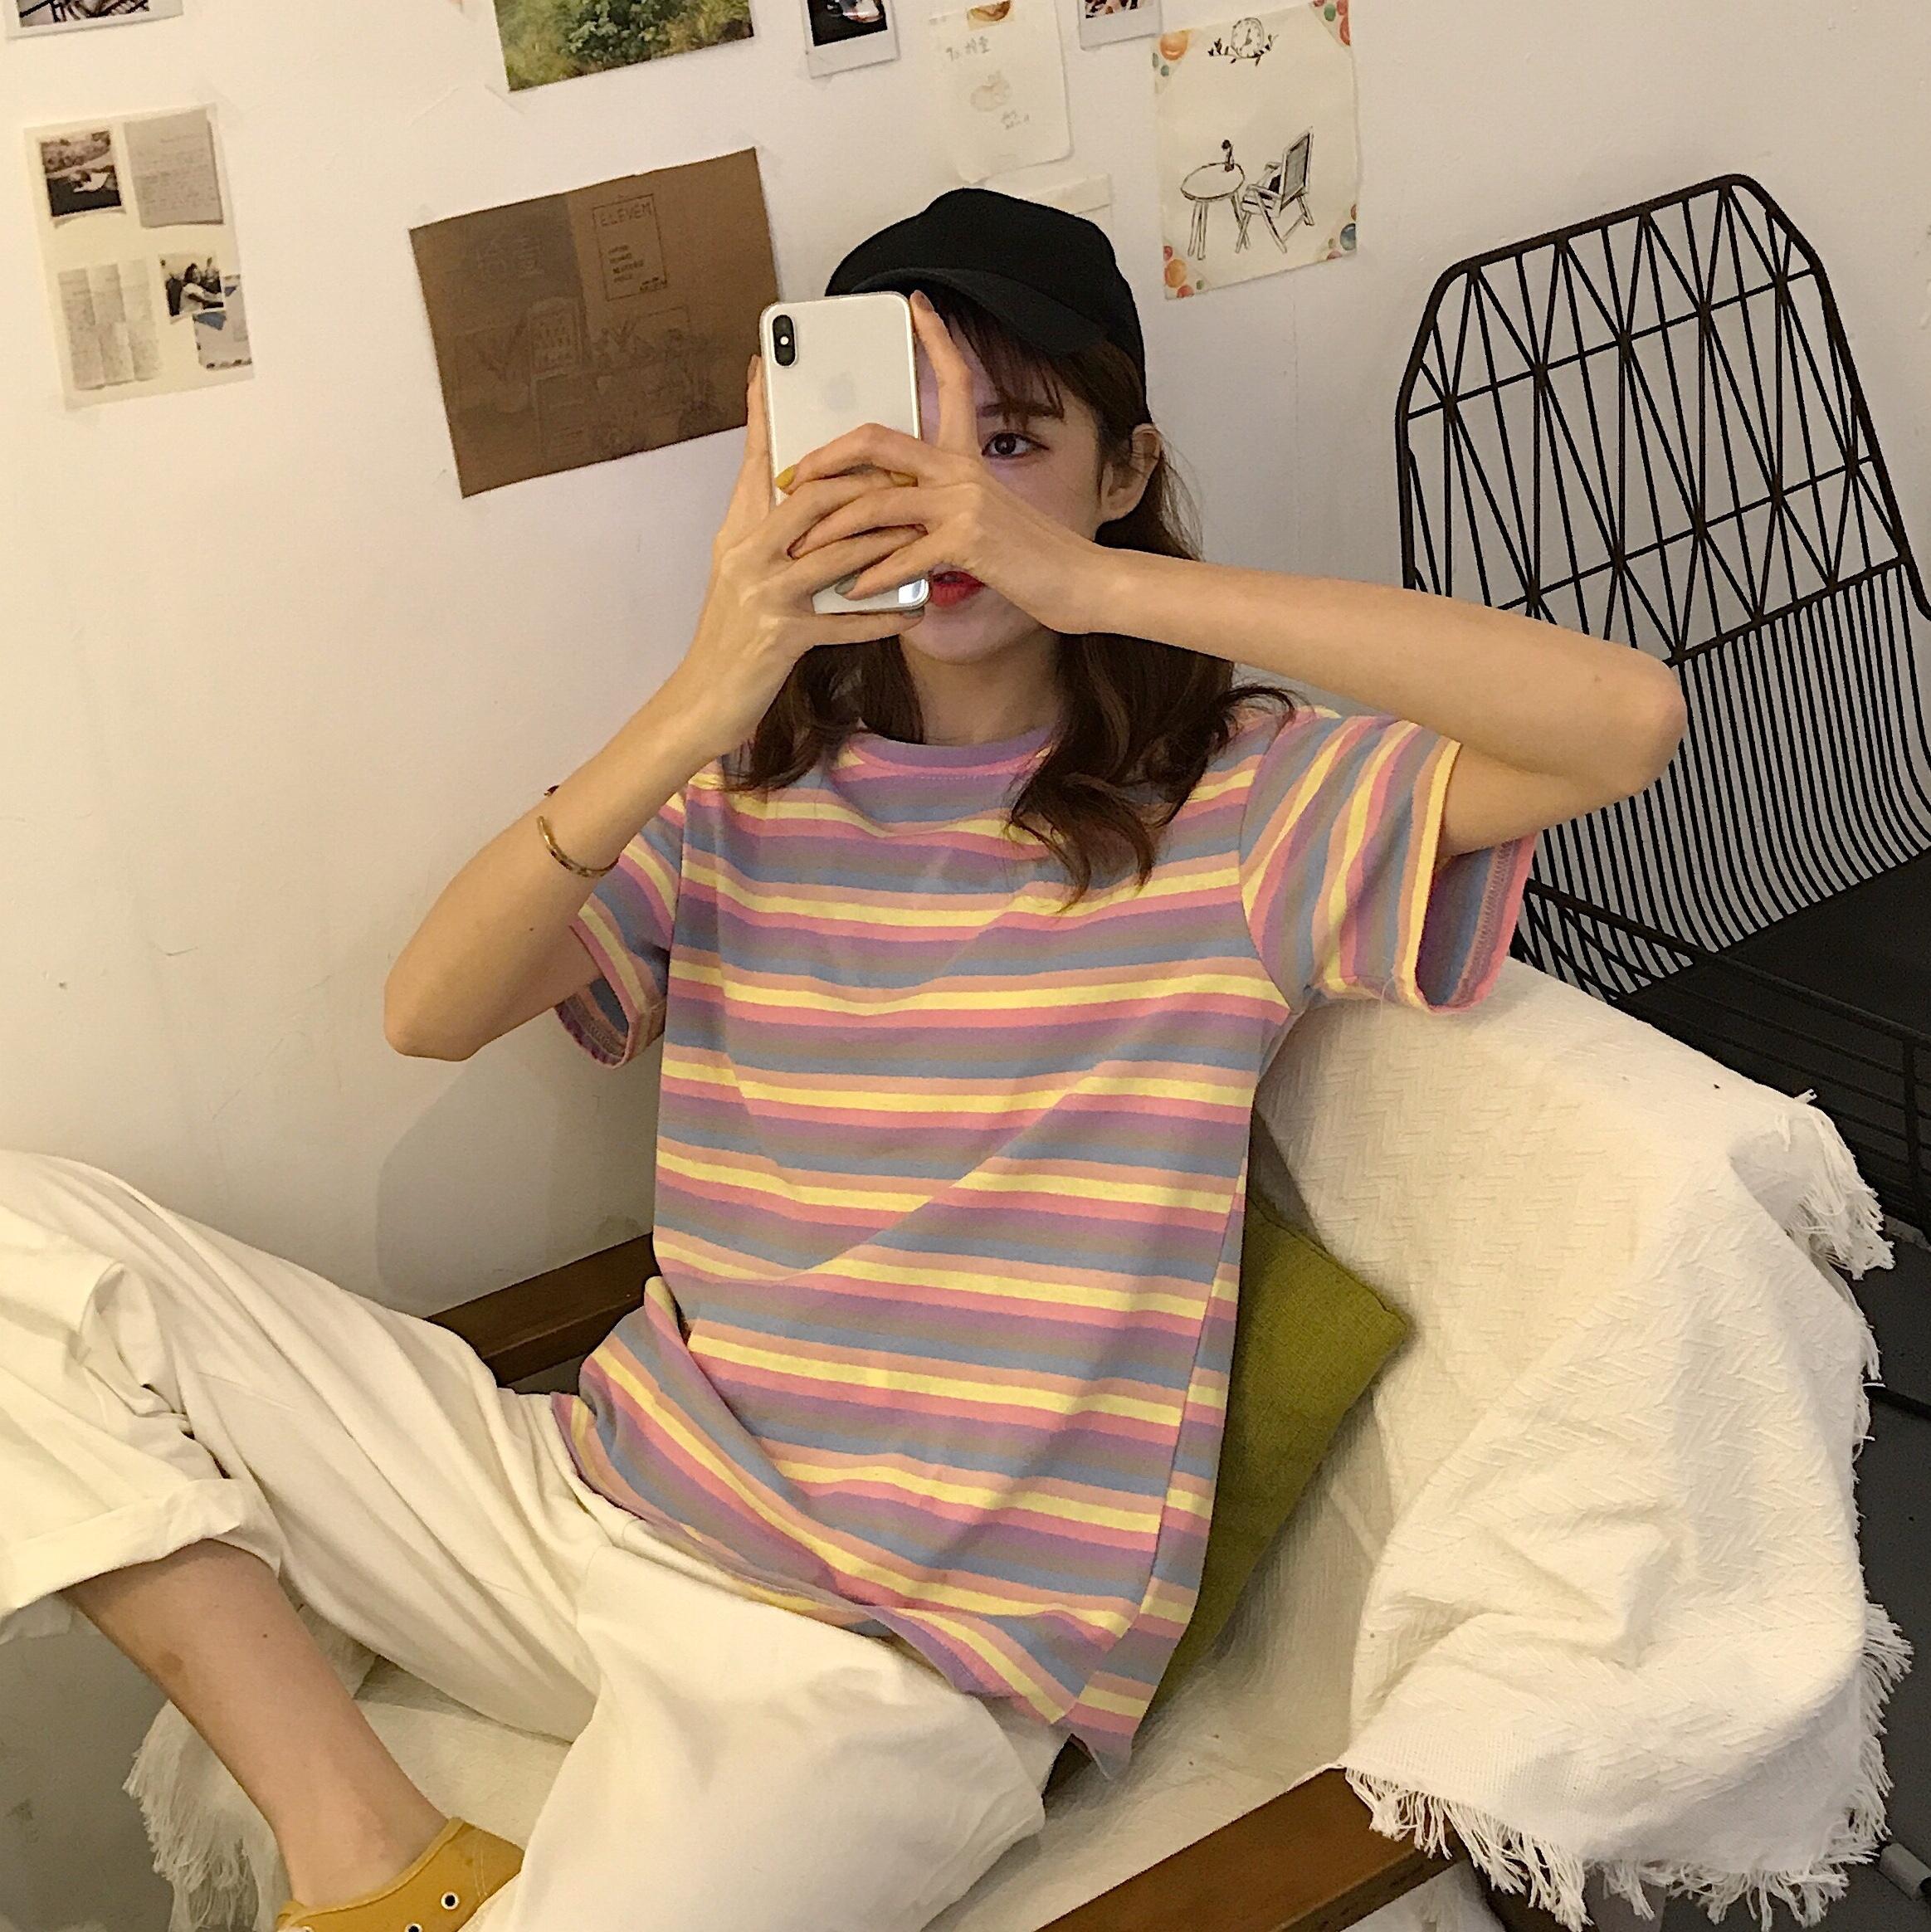 控價5實拍實價已檢測夏季泫雅彩虹條紋短袖T恤女短款寬松上衣